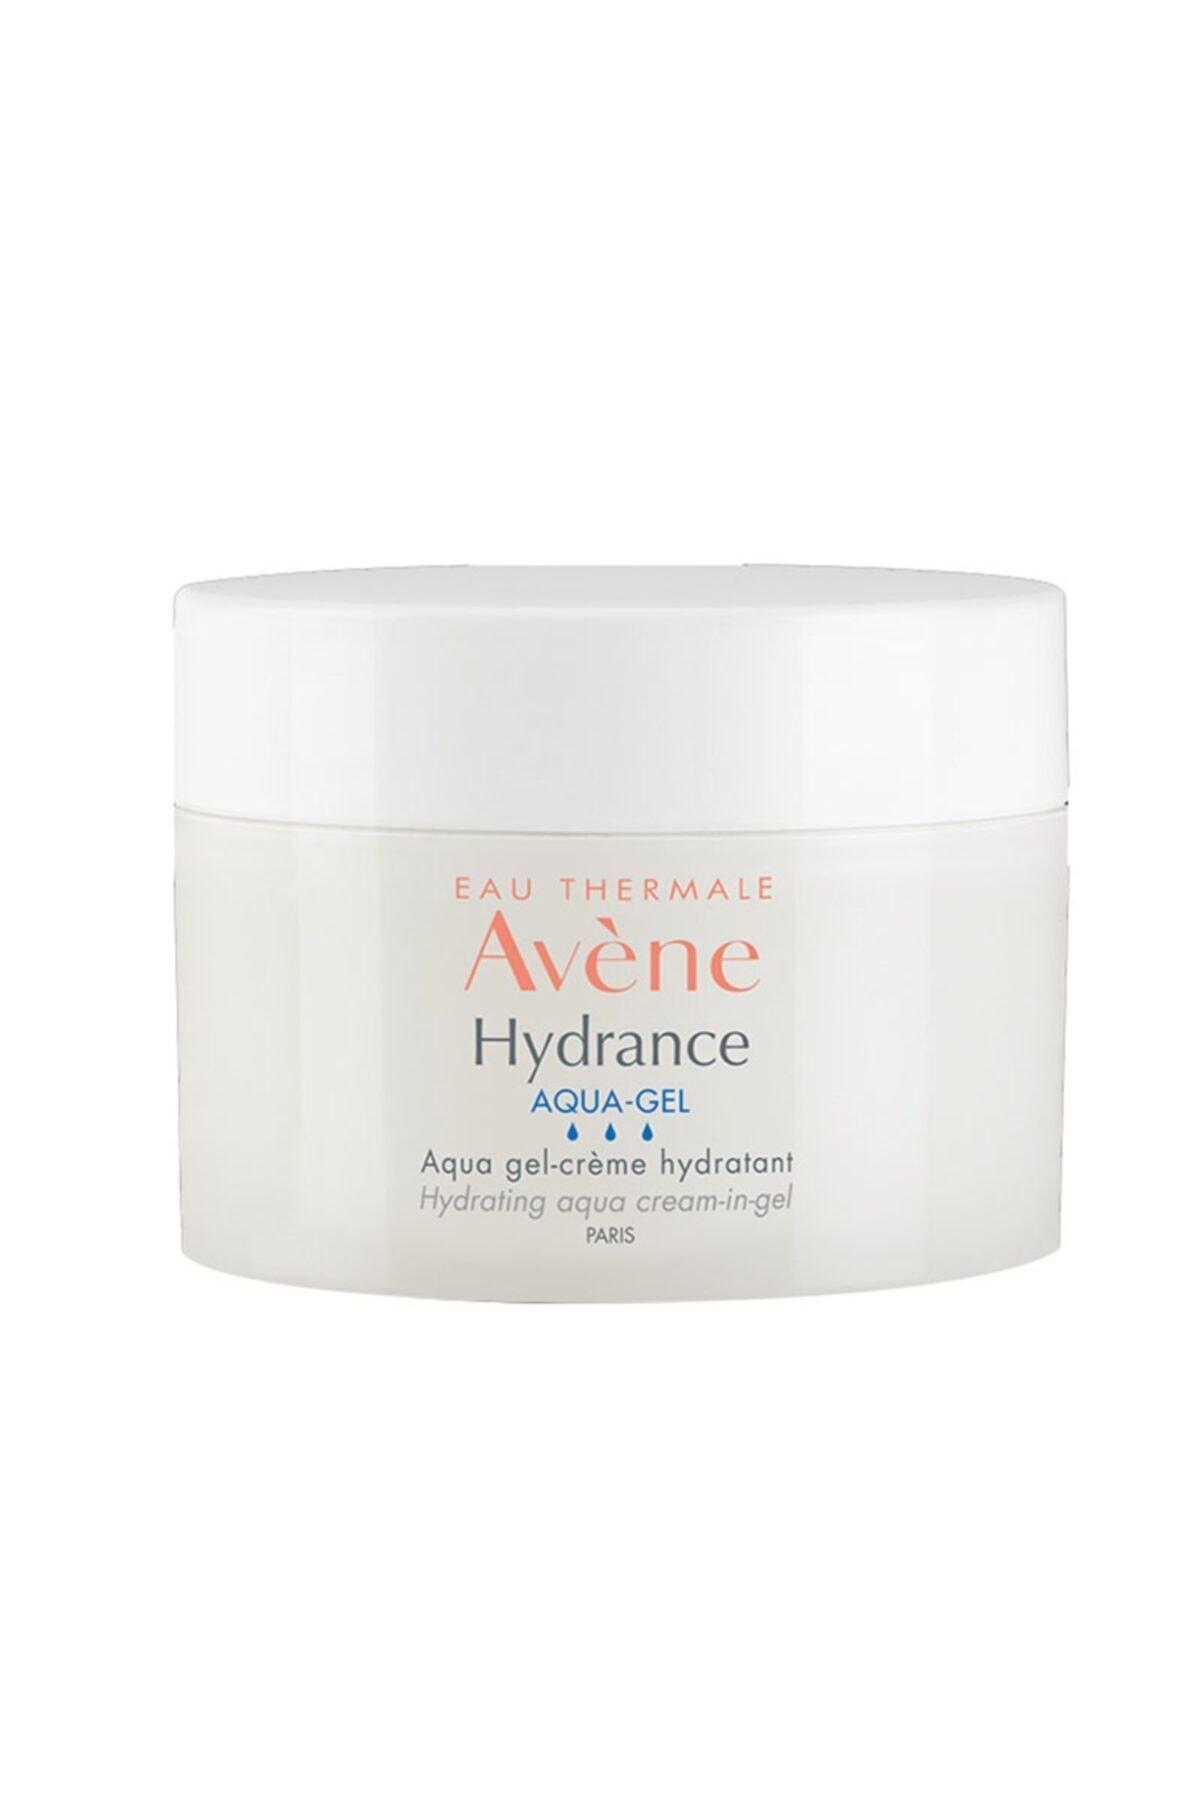 Avene Hydrance Aqua Gel Tüm Ciltler İçin Nemlendirici 50 ml TXCEBE9E67905 1